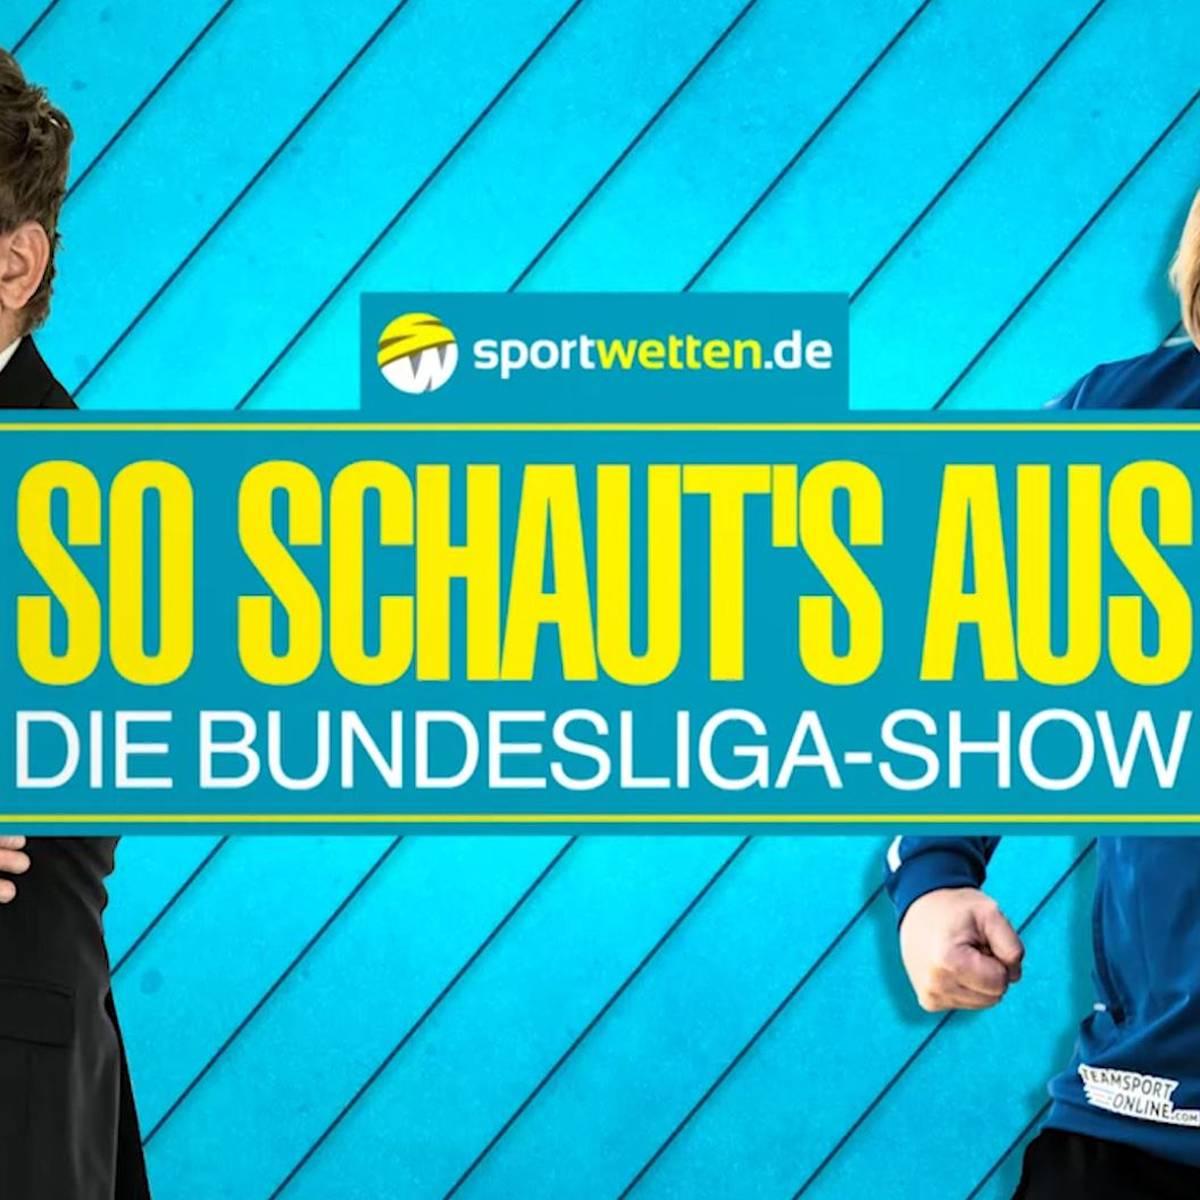 sportwetten.de So schaut's aus – Die Bundesliga-Show